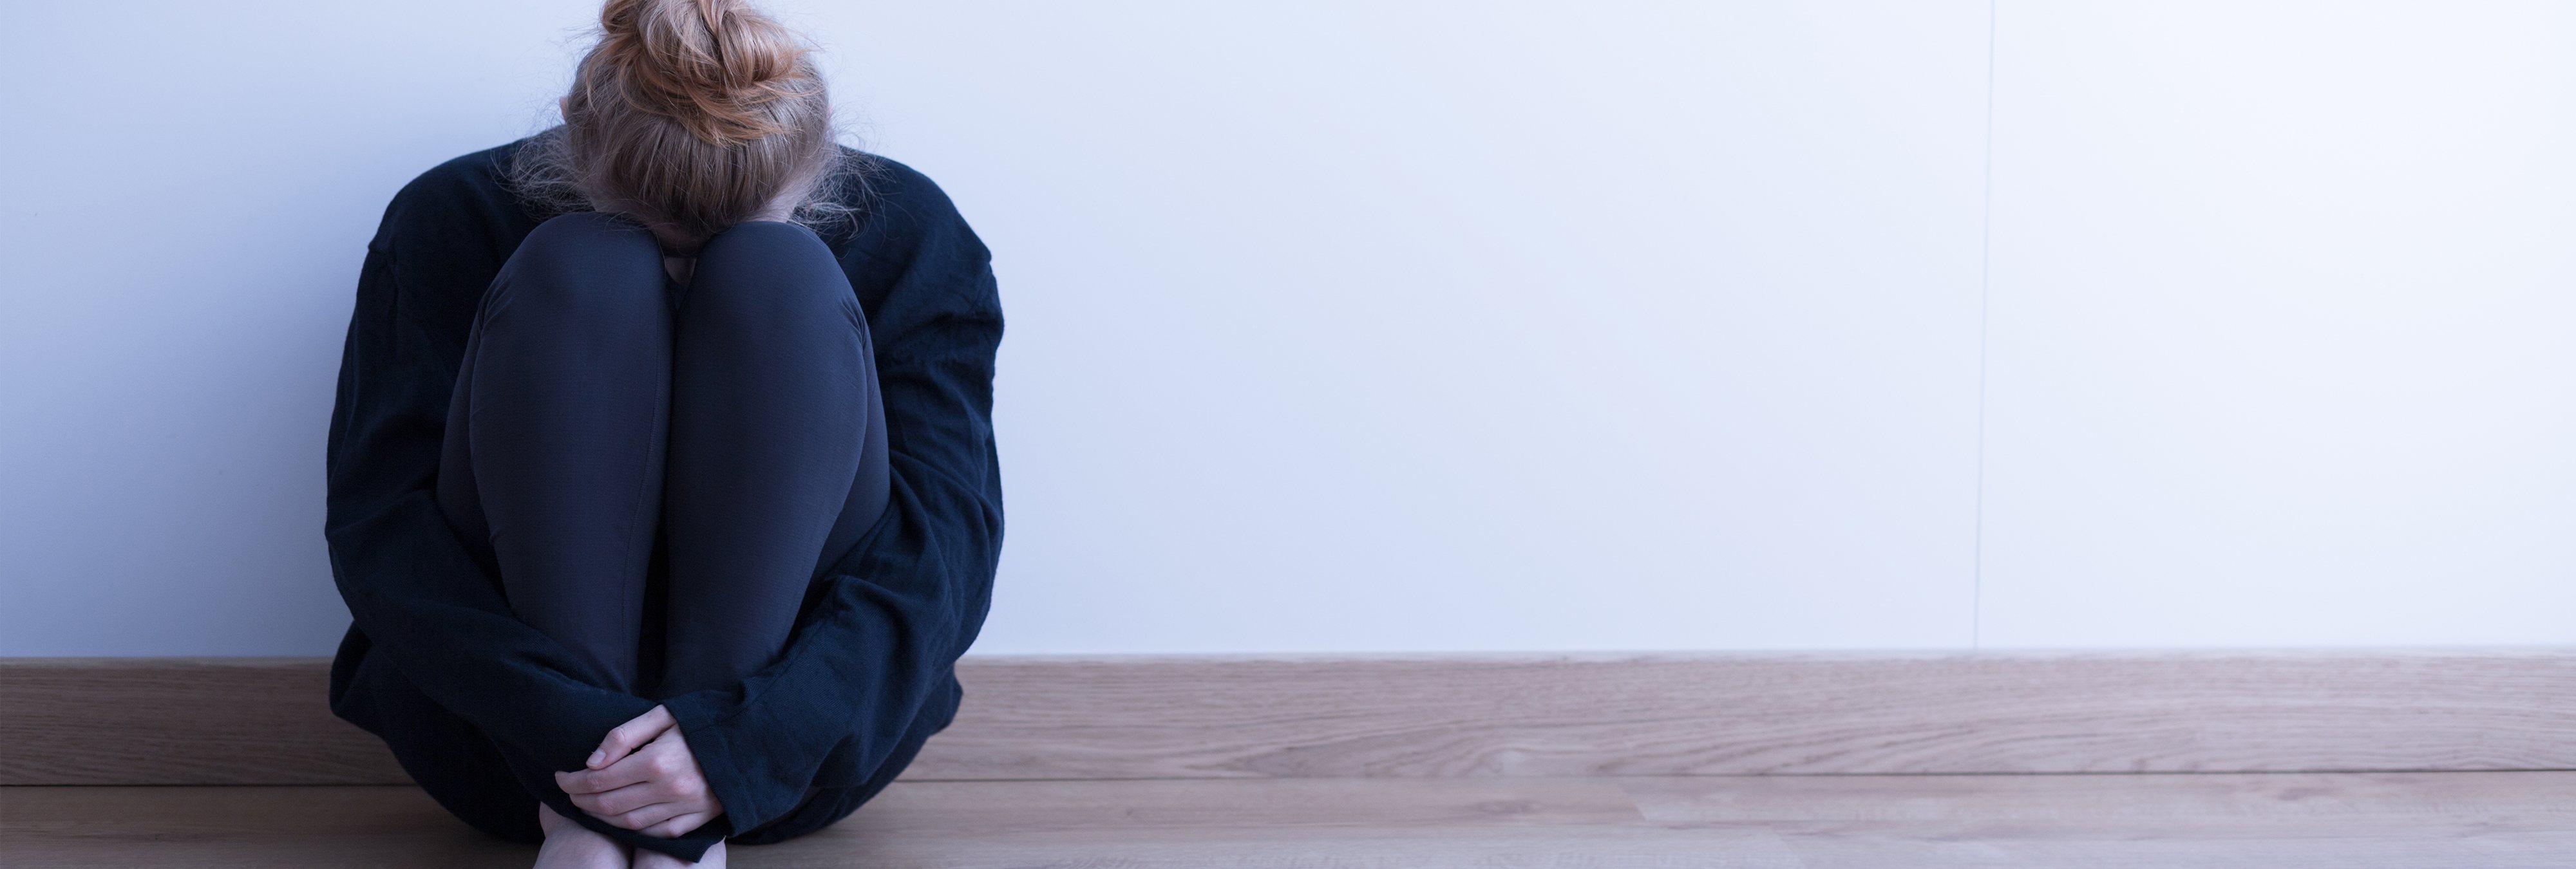 Los jóvenes españoles, cada vez más tristes y deprimidos por culpa de sus padres